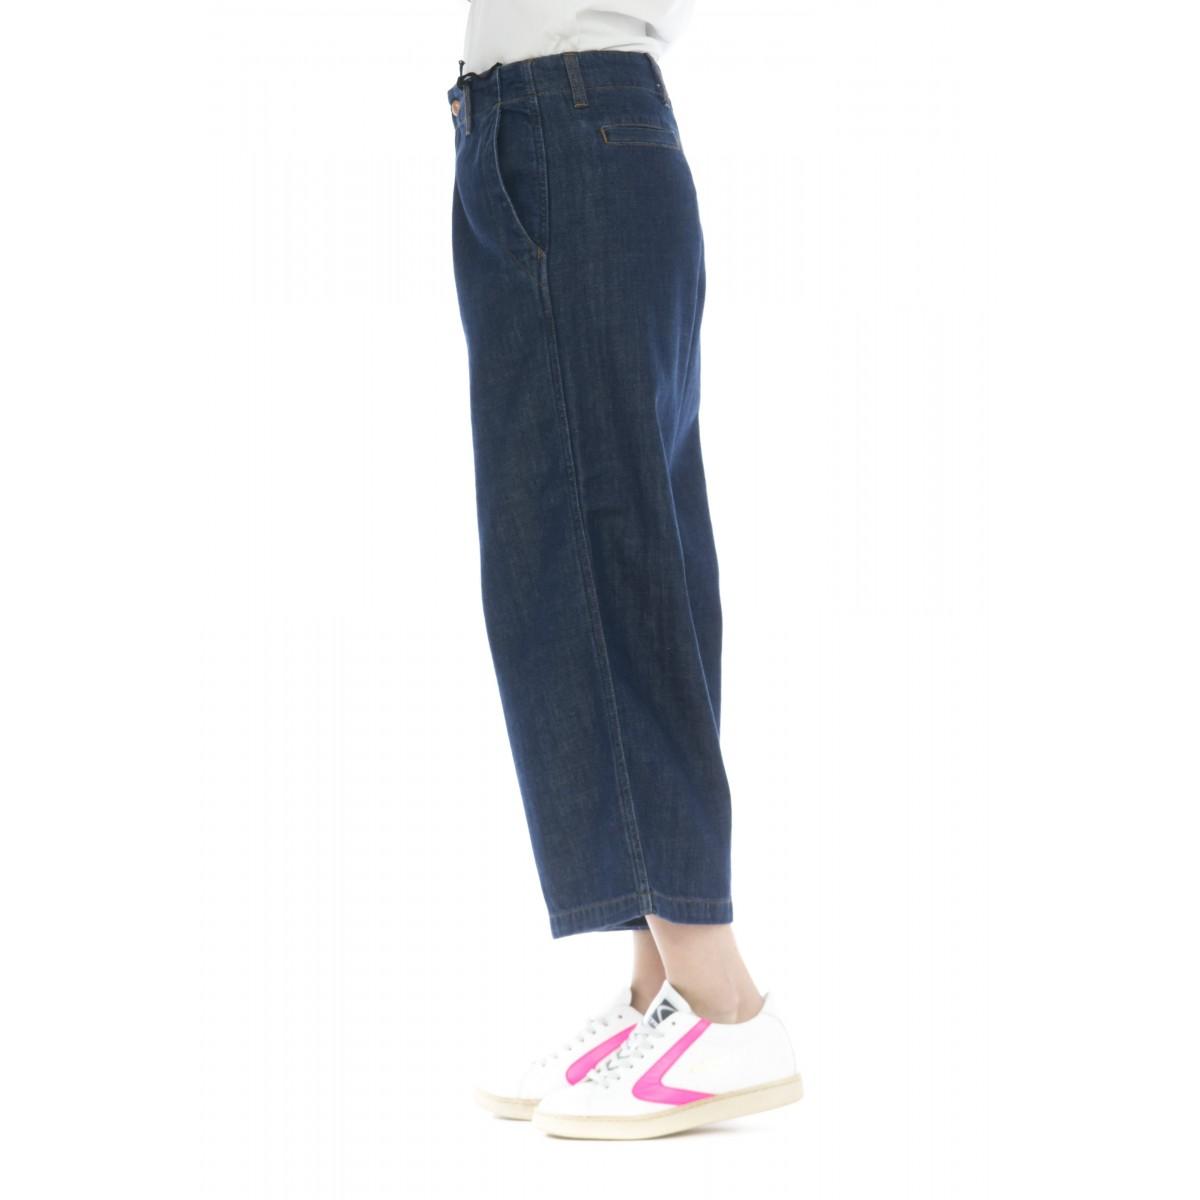 Pantalone donna - Dhara light